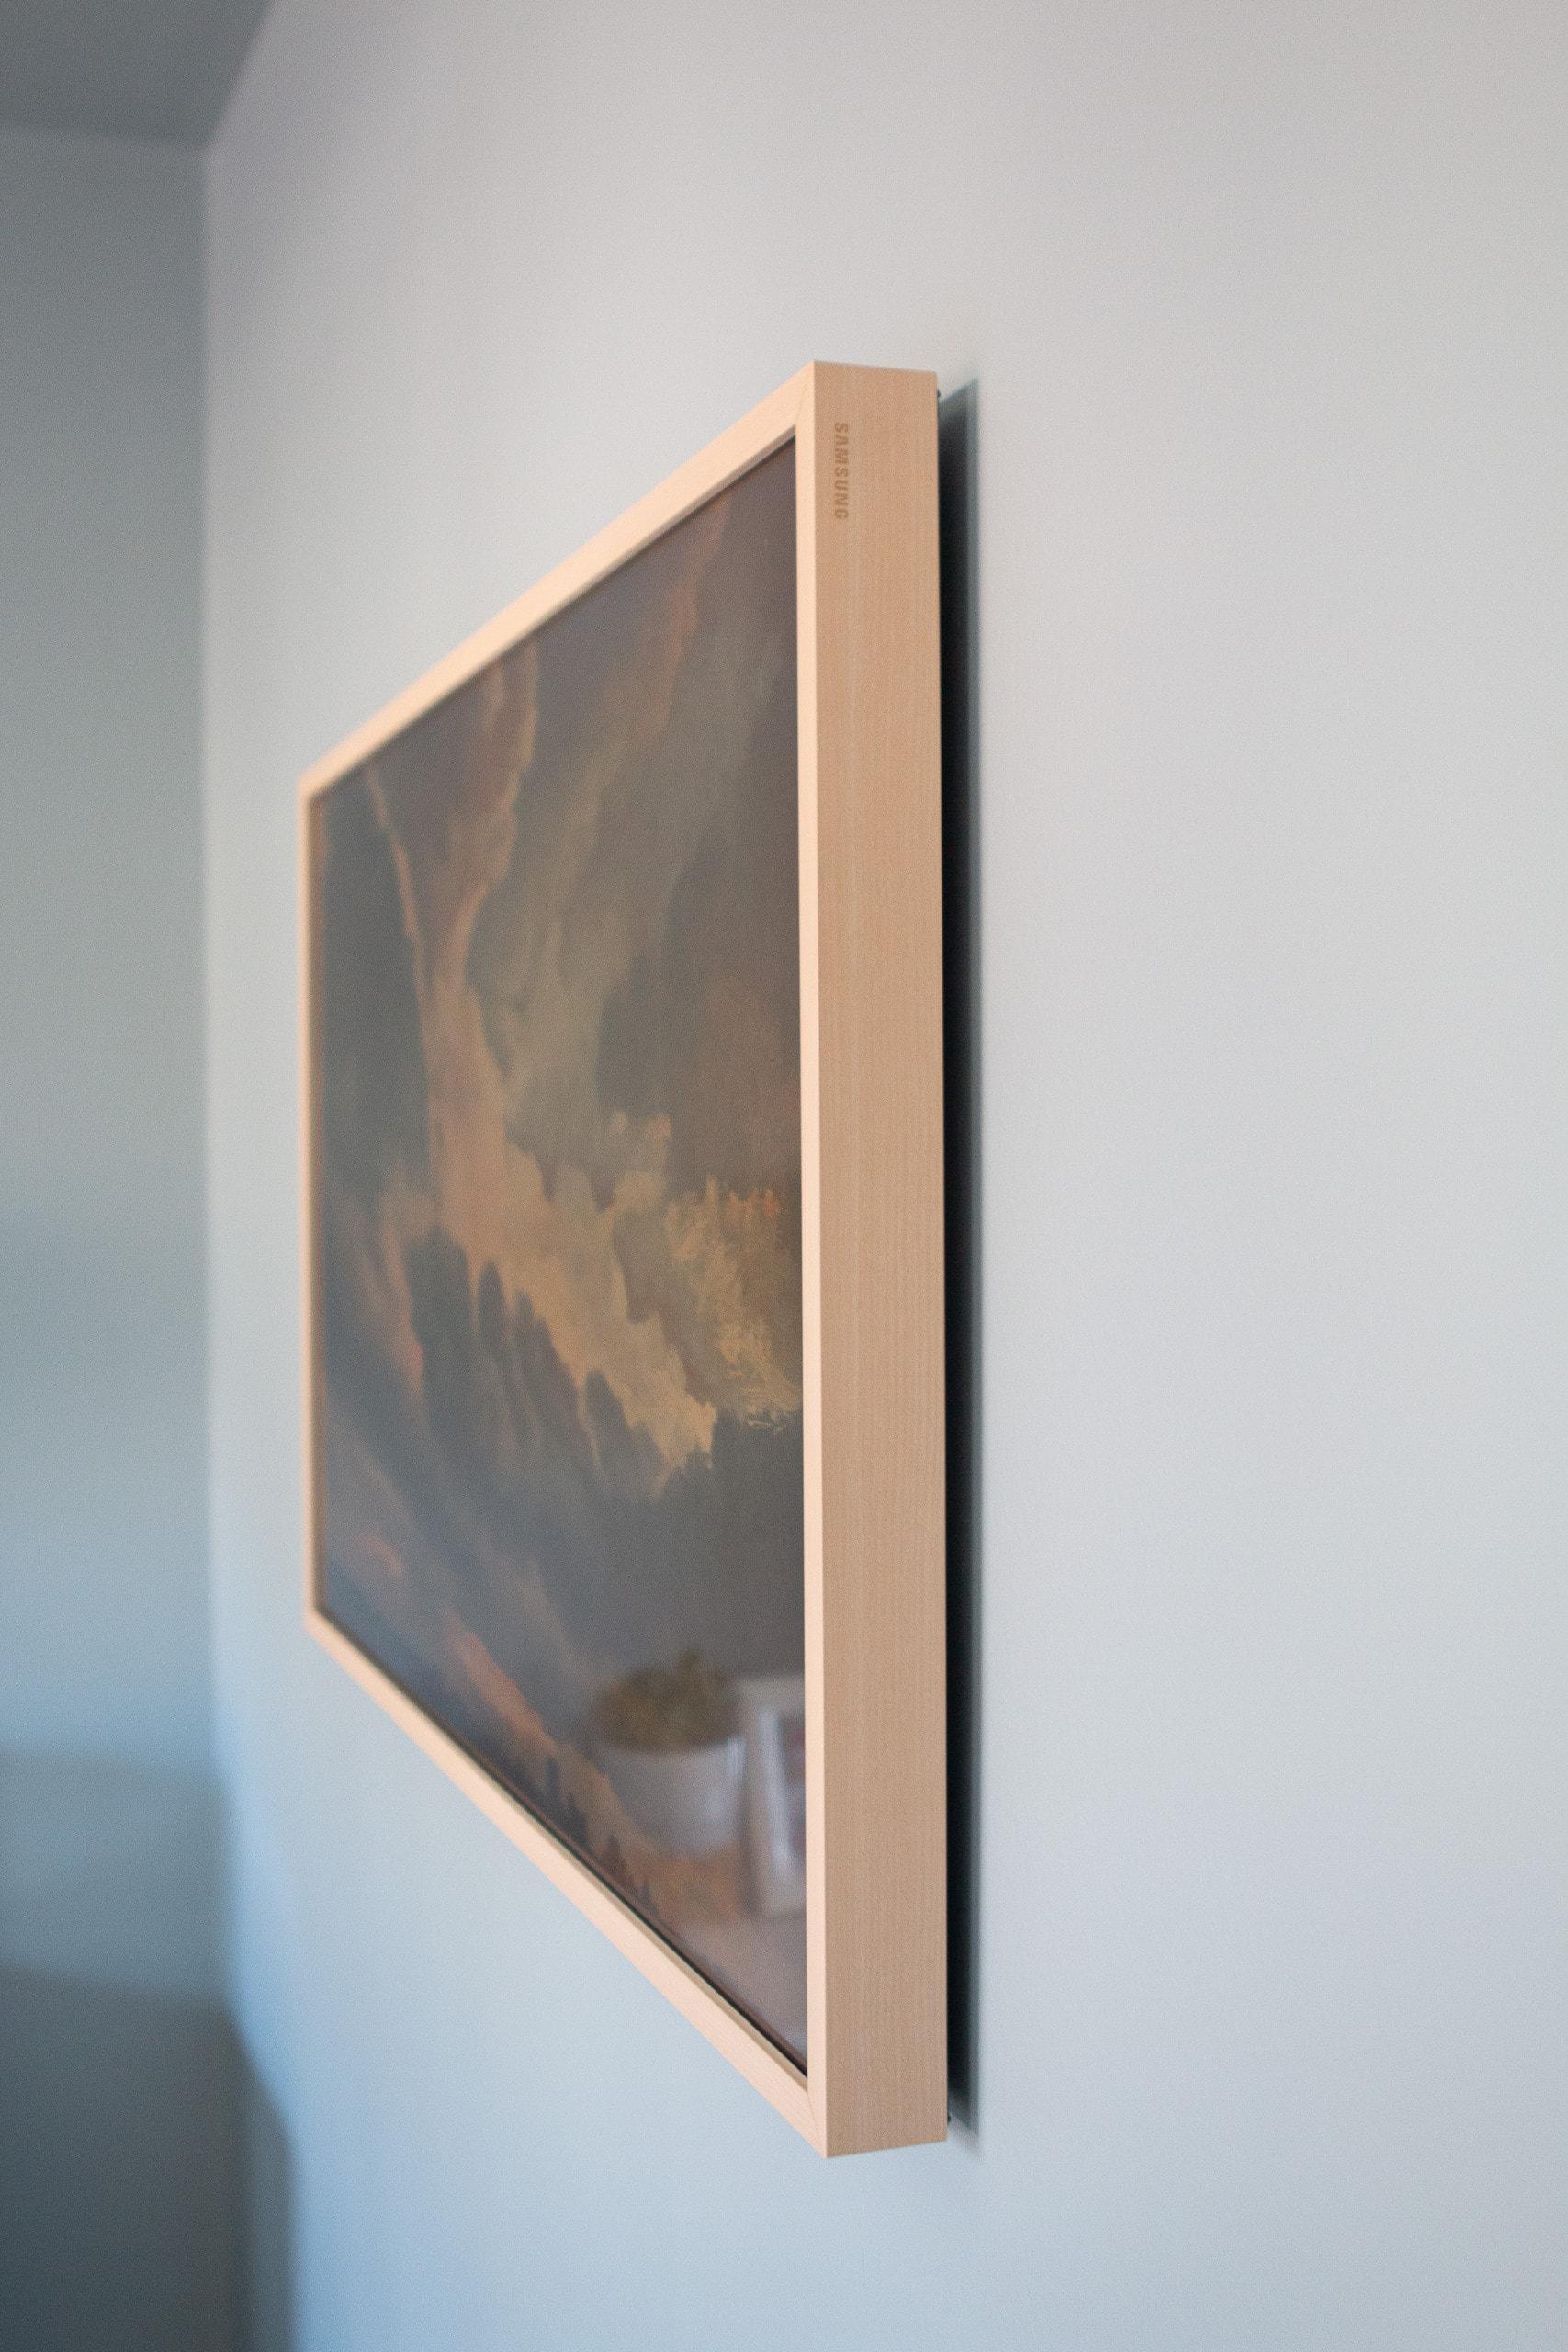 Choosing art for the Frame TV